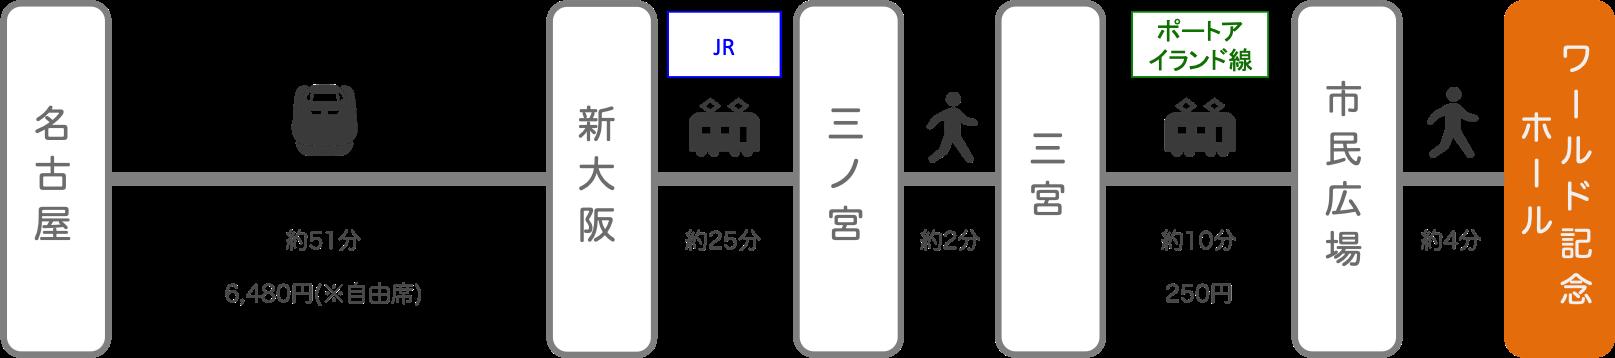 神戸ワールド記念ホール_名古屋(愛知)_新幹線